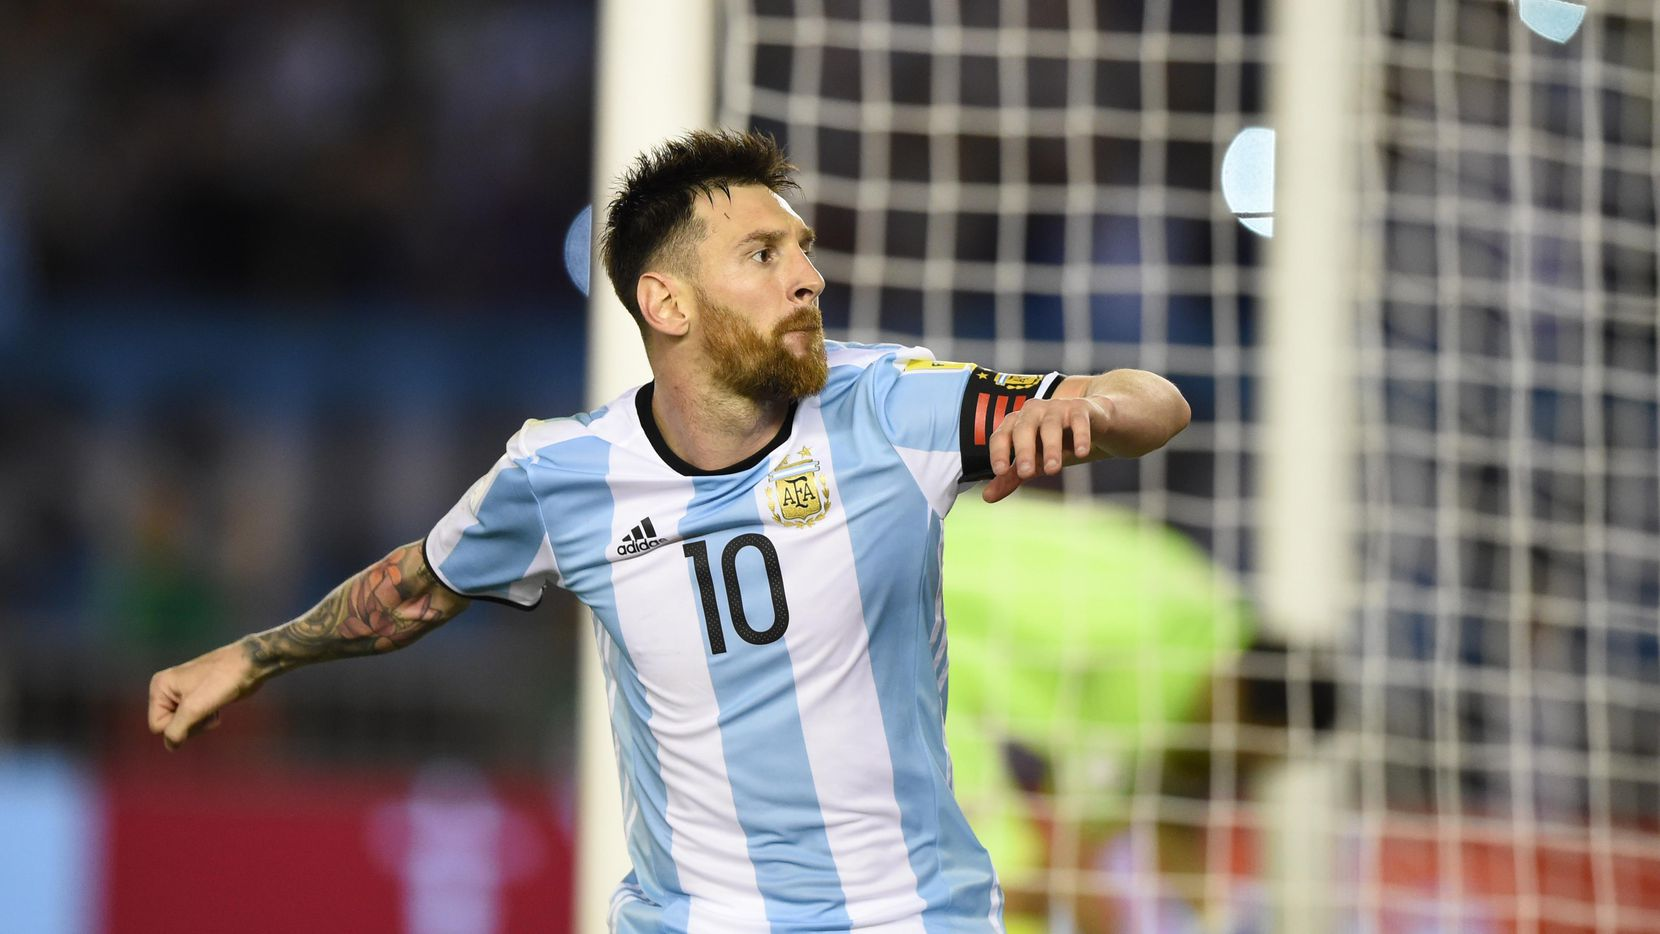 Lionel Messi prometió ir a la Virgen de San Nicolás si gana Argentina la Copa del Mundo. (AFP/Getty Images/EITAN ABRAMOVICH)